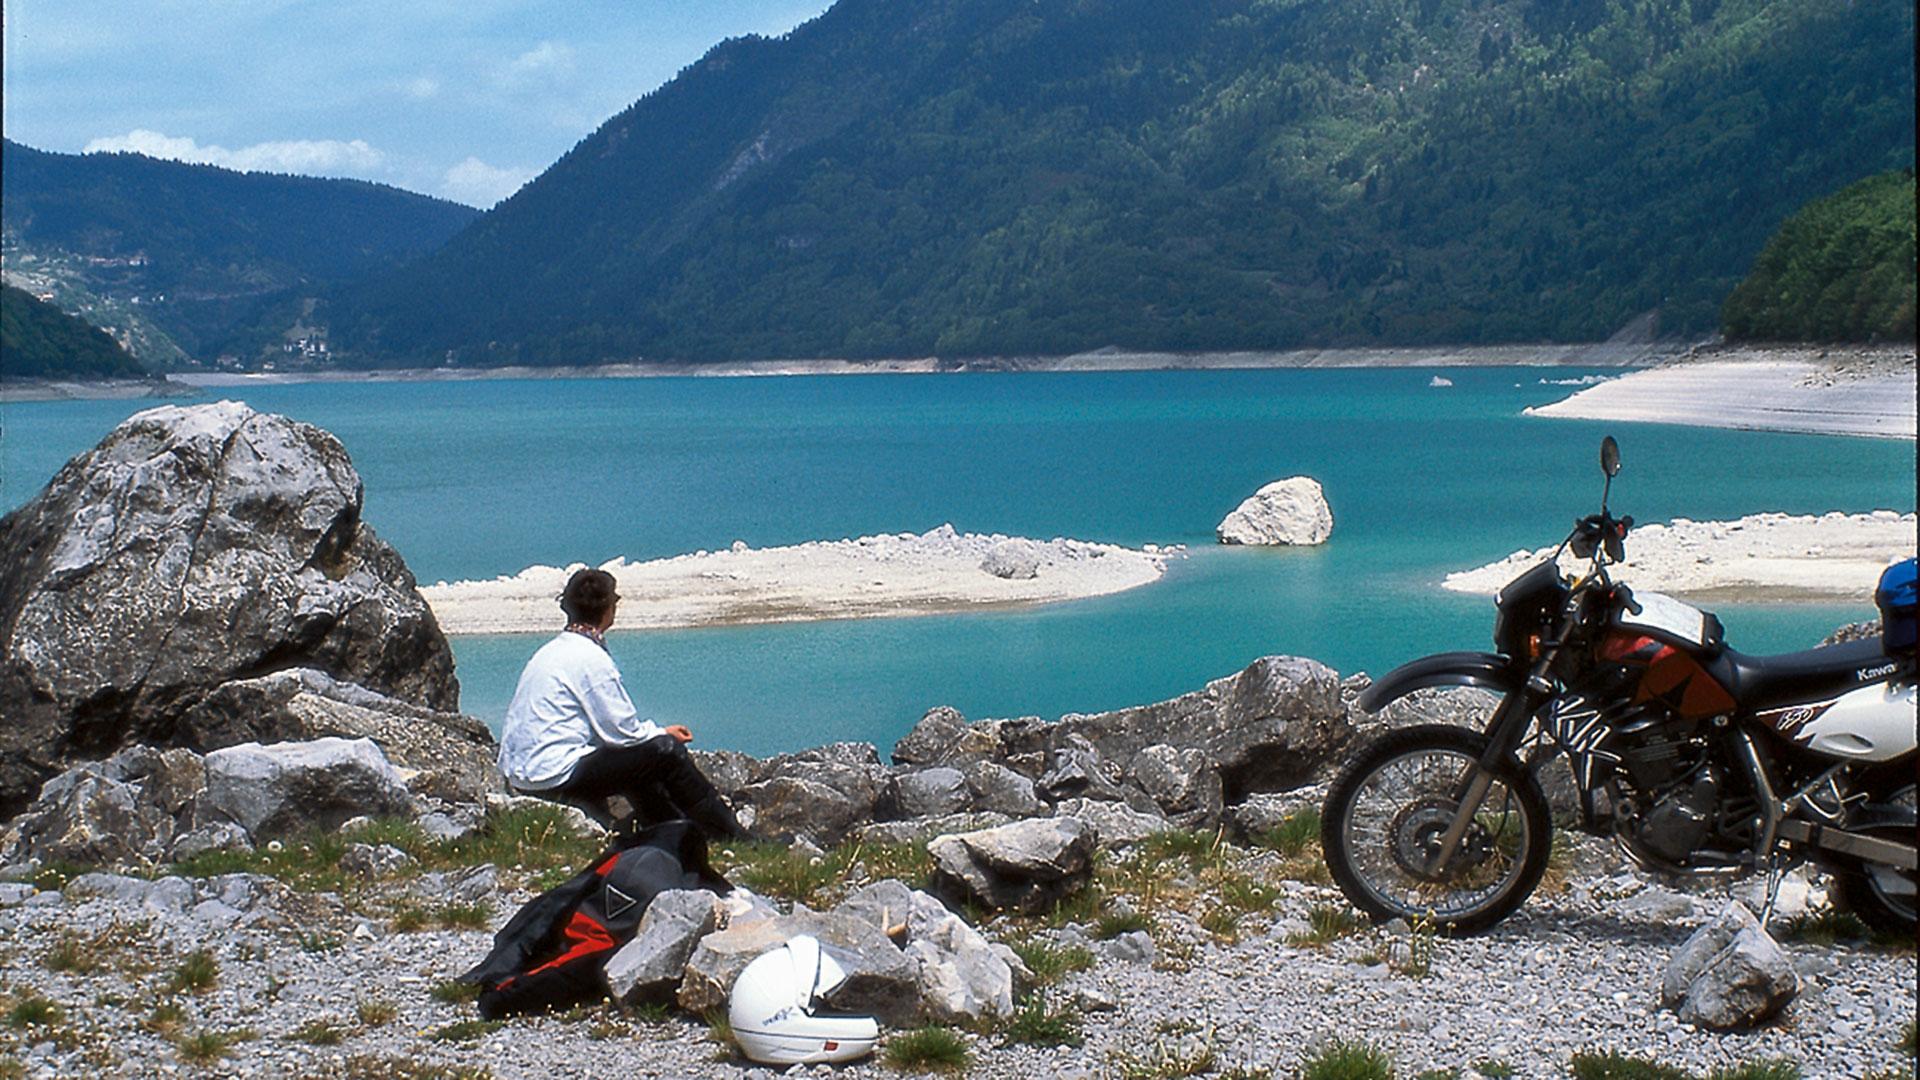 Quer durch die Bergamasker Alpen